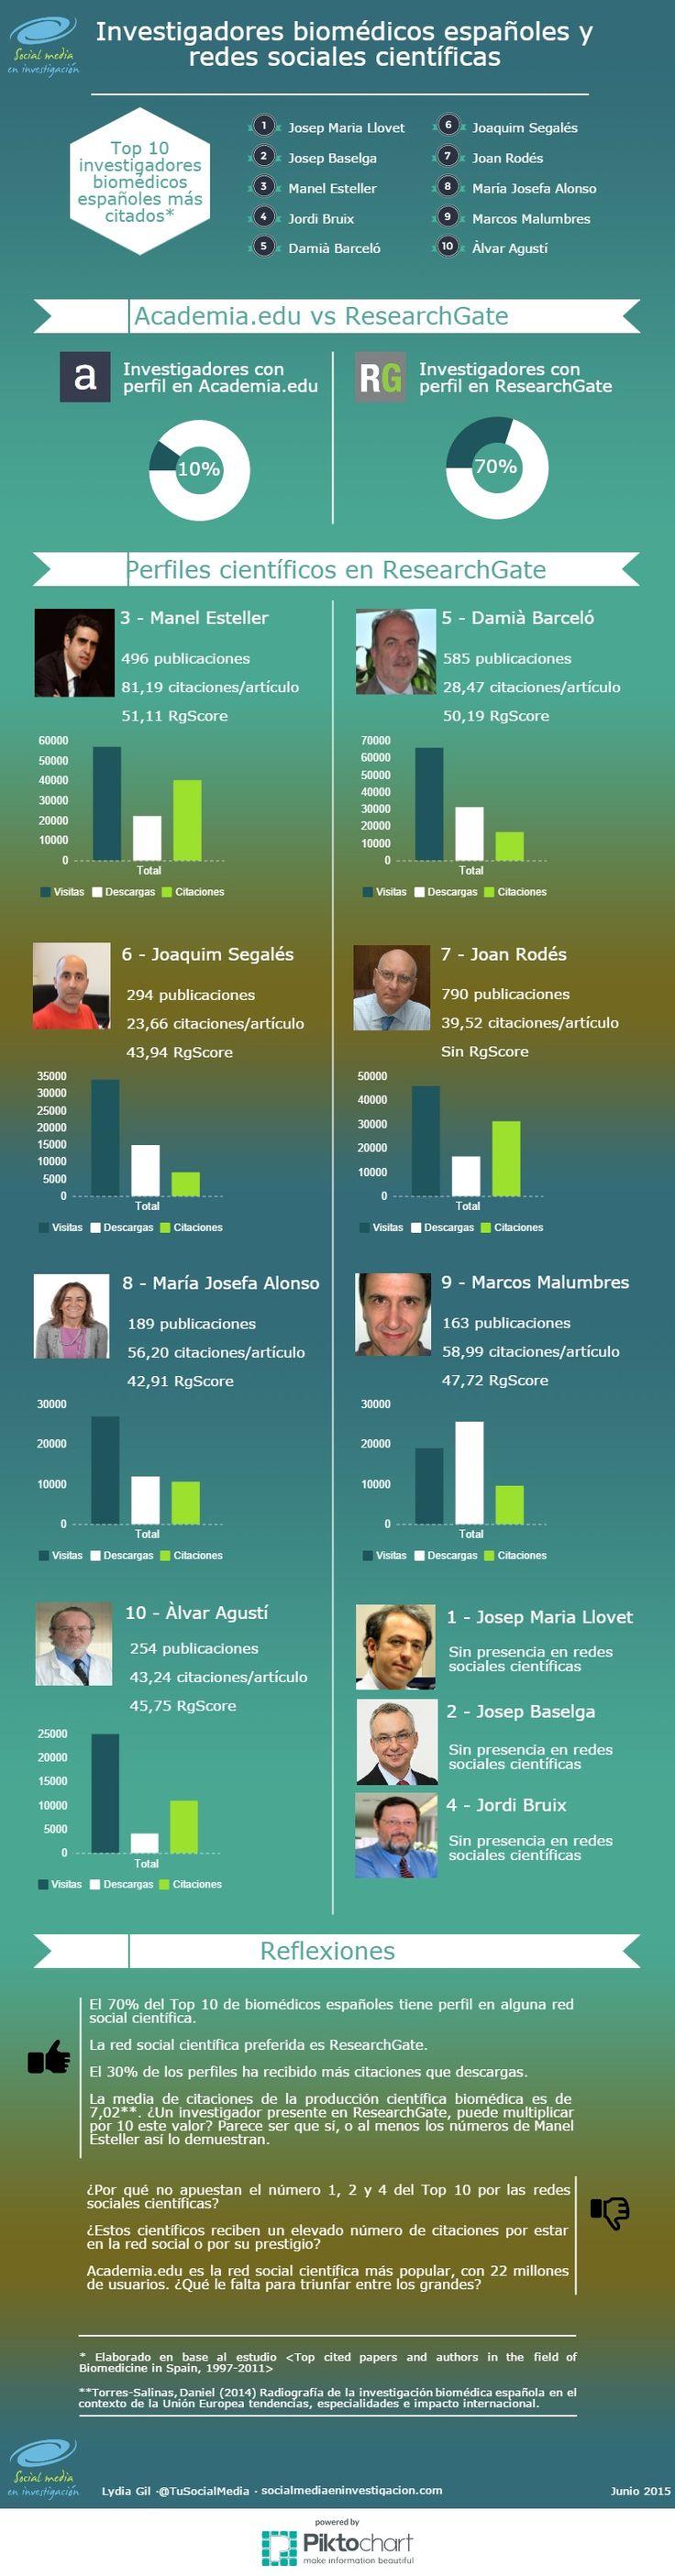 Investigadores biomédicos españoles y redes sociales científicas. Análisis en el blog: http://socialmediaeninvestigacion.com/biomedicos-redes-sociales-cientificas/